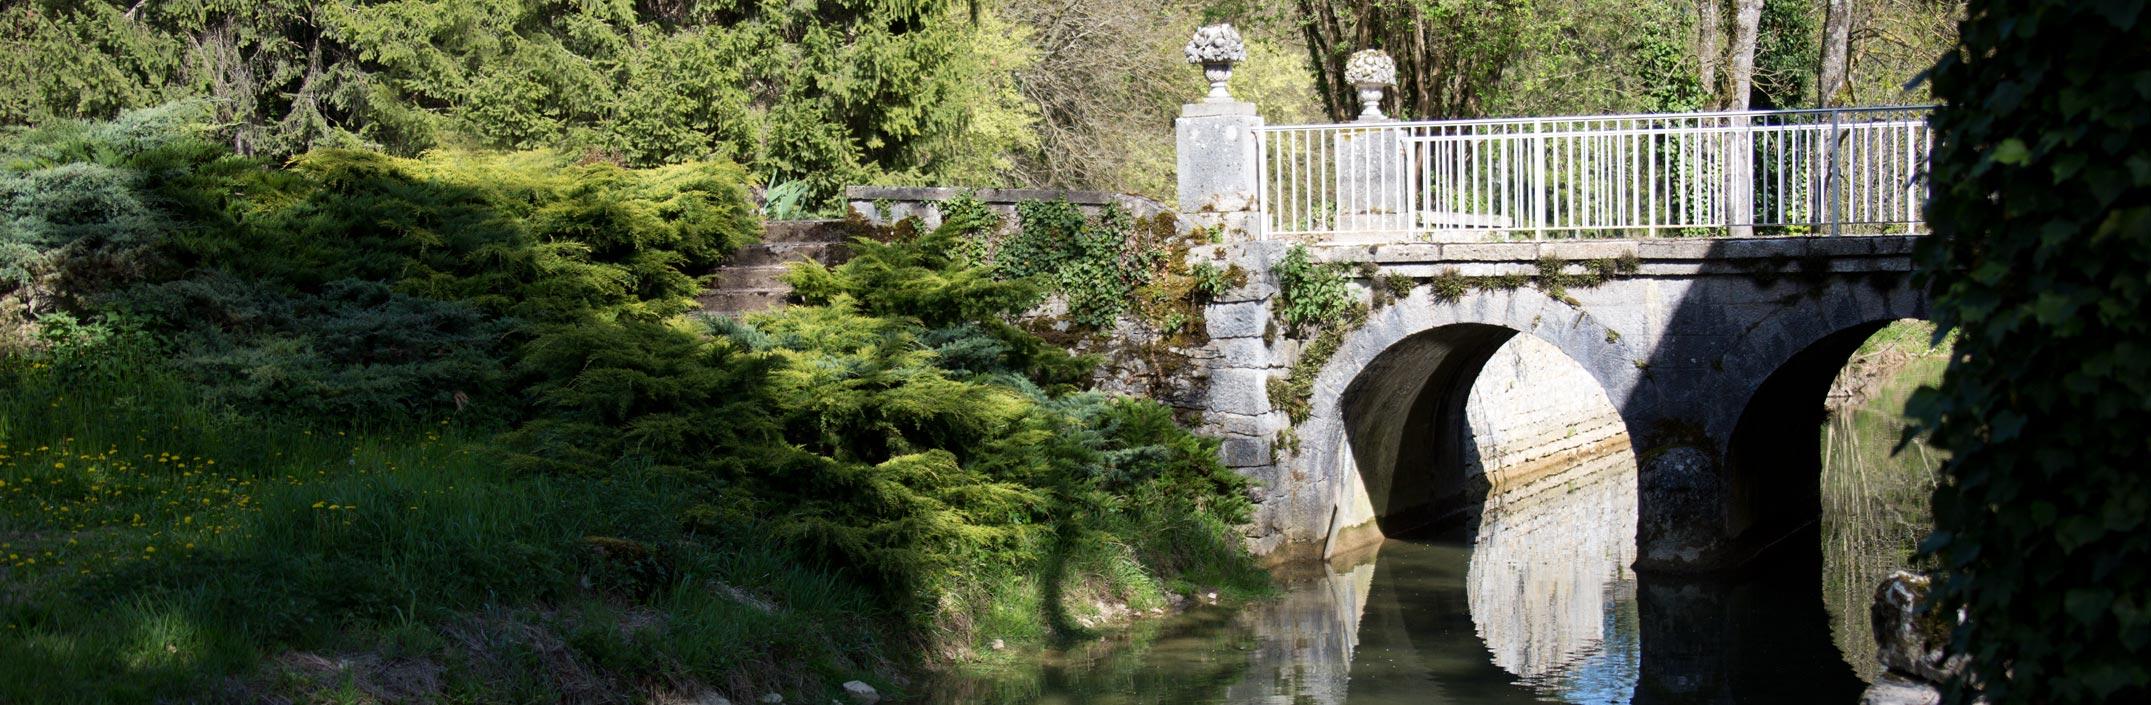 Moulin de la Serrée - Gîte de charme à Nuits-Saint-Georges